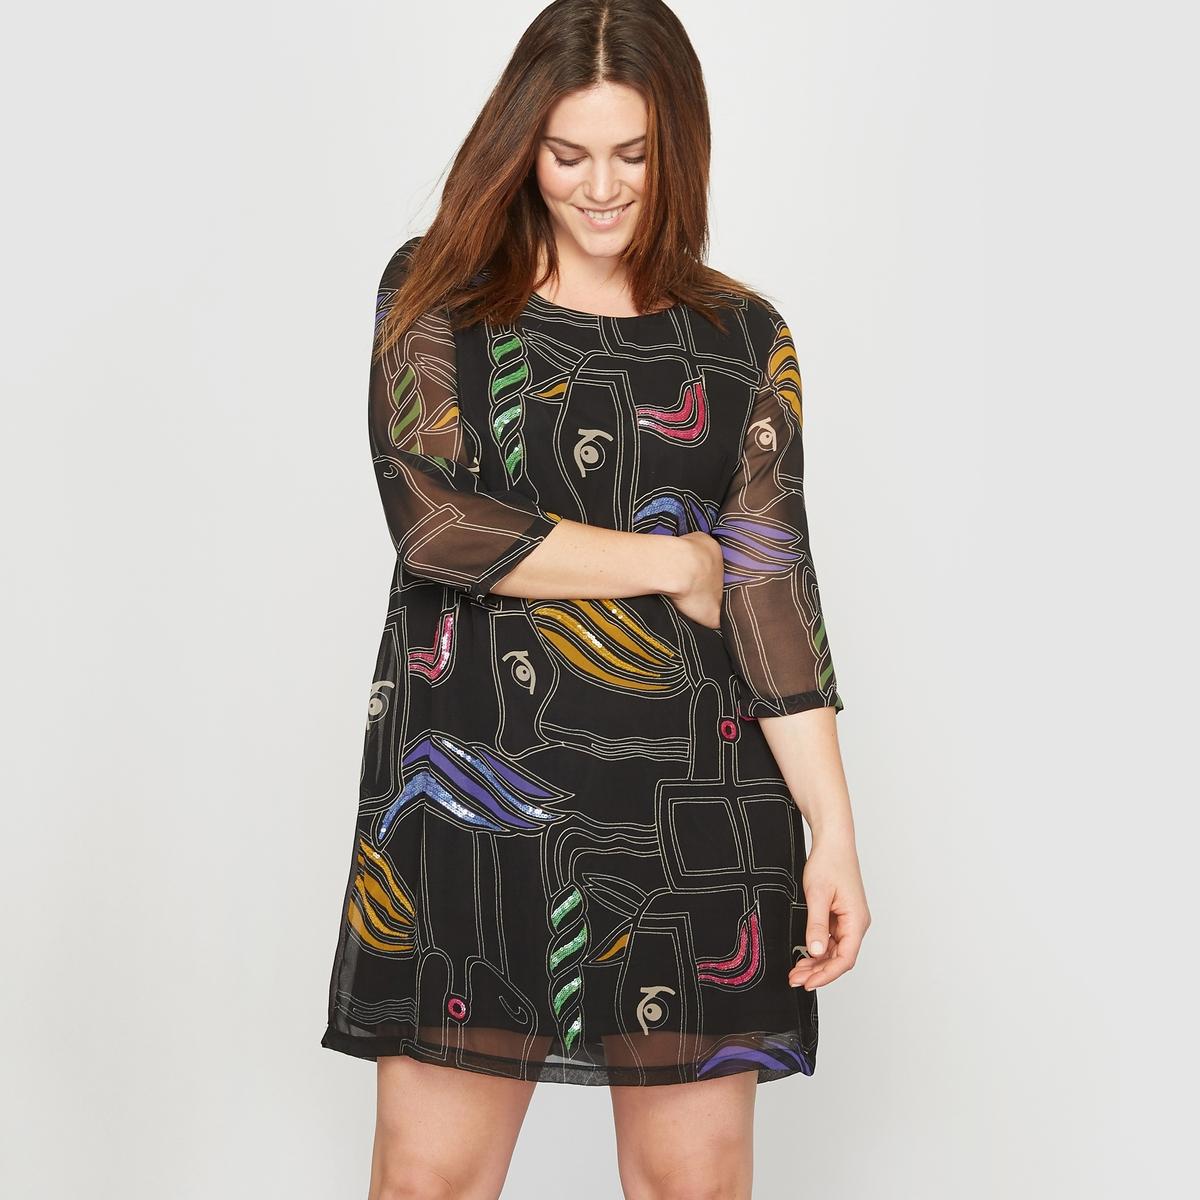 Платье с рисункомЗастежка на скрытую молнию сзади.      Состав и описание :Материал :Вуаль под креп 100 % полиэстера, корпус на подкладке из трикотажа 100 % полиэстера .Длина : 93 см. Марка : CASTALUNA.Уход : Машинная стирка при 30°.<br><br>Цвет: рисунок/черный фон/разноцветный<br>Размер: 42 (FR) - 48 (RUS).50 (FR) - 56 (RUS)